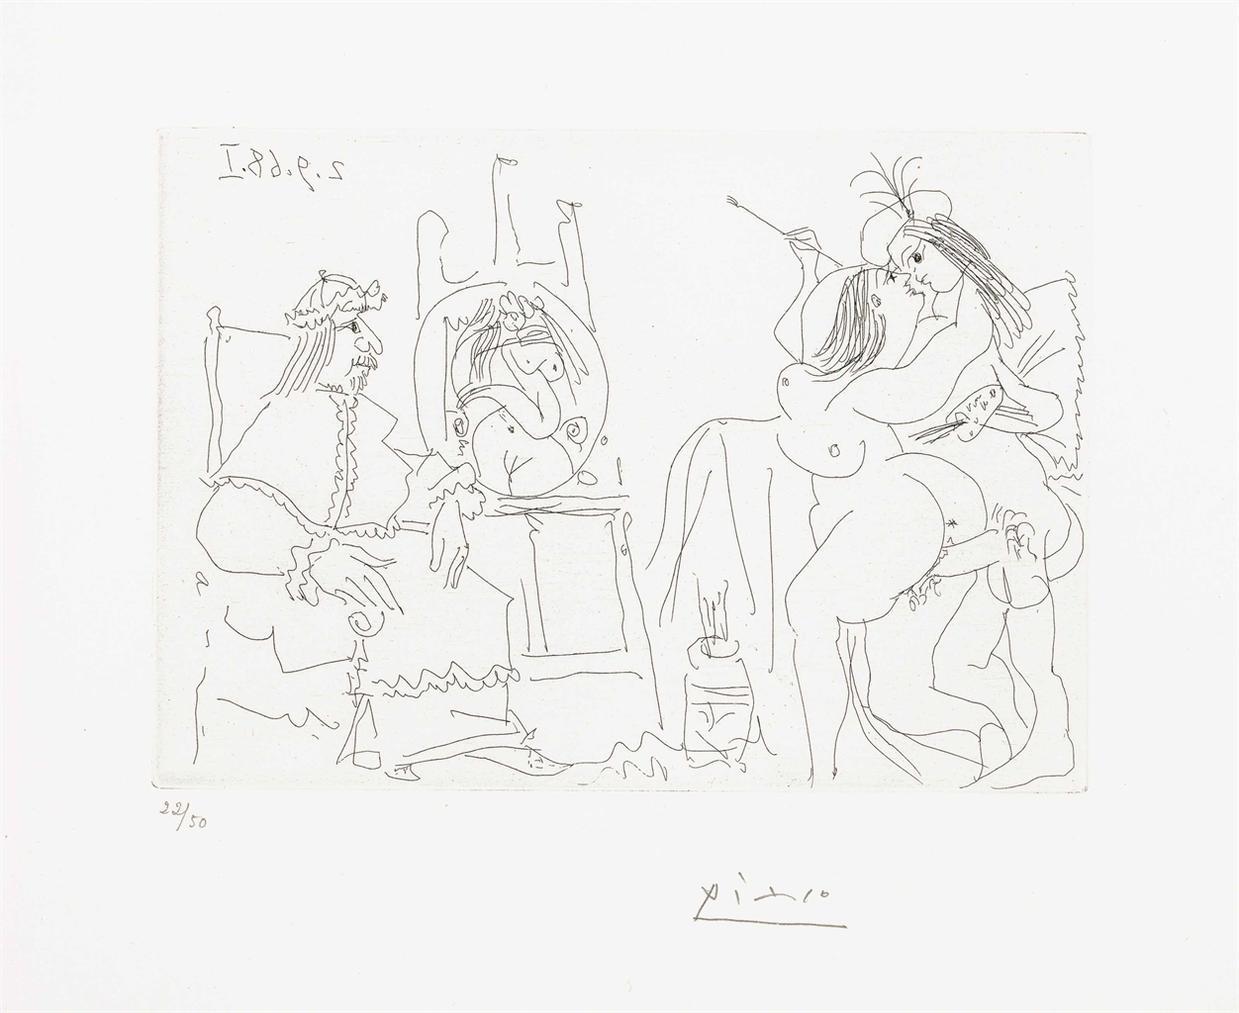 Pablo Picasso-Raphael Et La Fornarina. X: Le Pape A Fait Apporter Son Fauteuil, From La Serie 347-1968